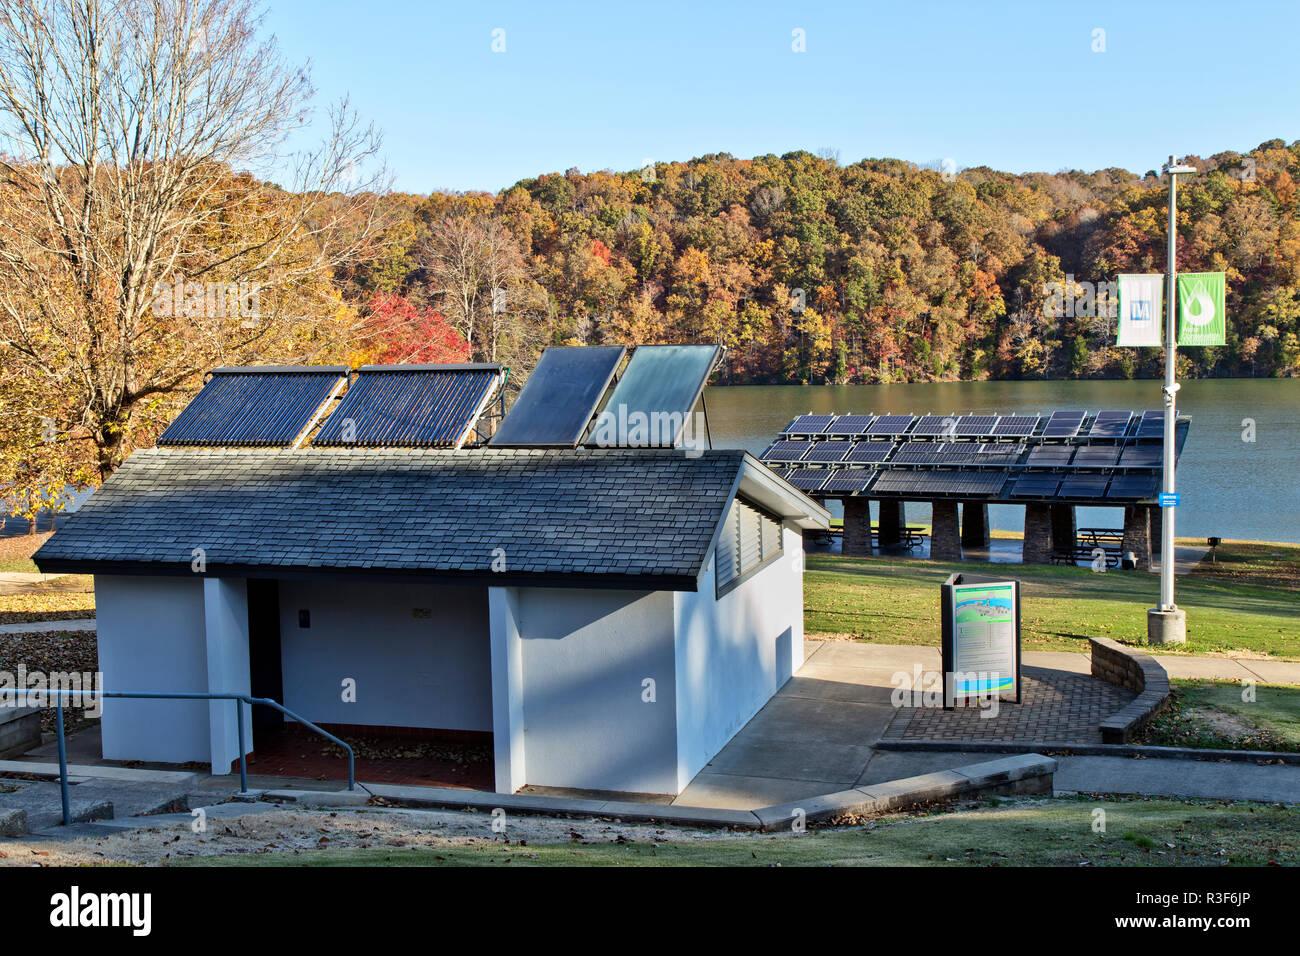 Solare di acqua calda Riscaldatori bagno sul tetto, con pannelli solari in background, facilitando Melton Hill Dam Recreation Area campeggio. Immagini Stock